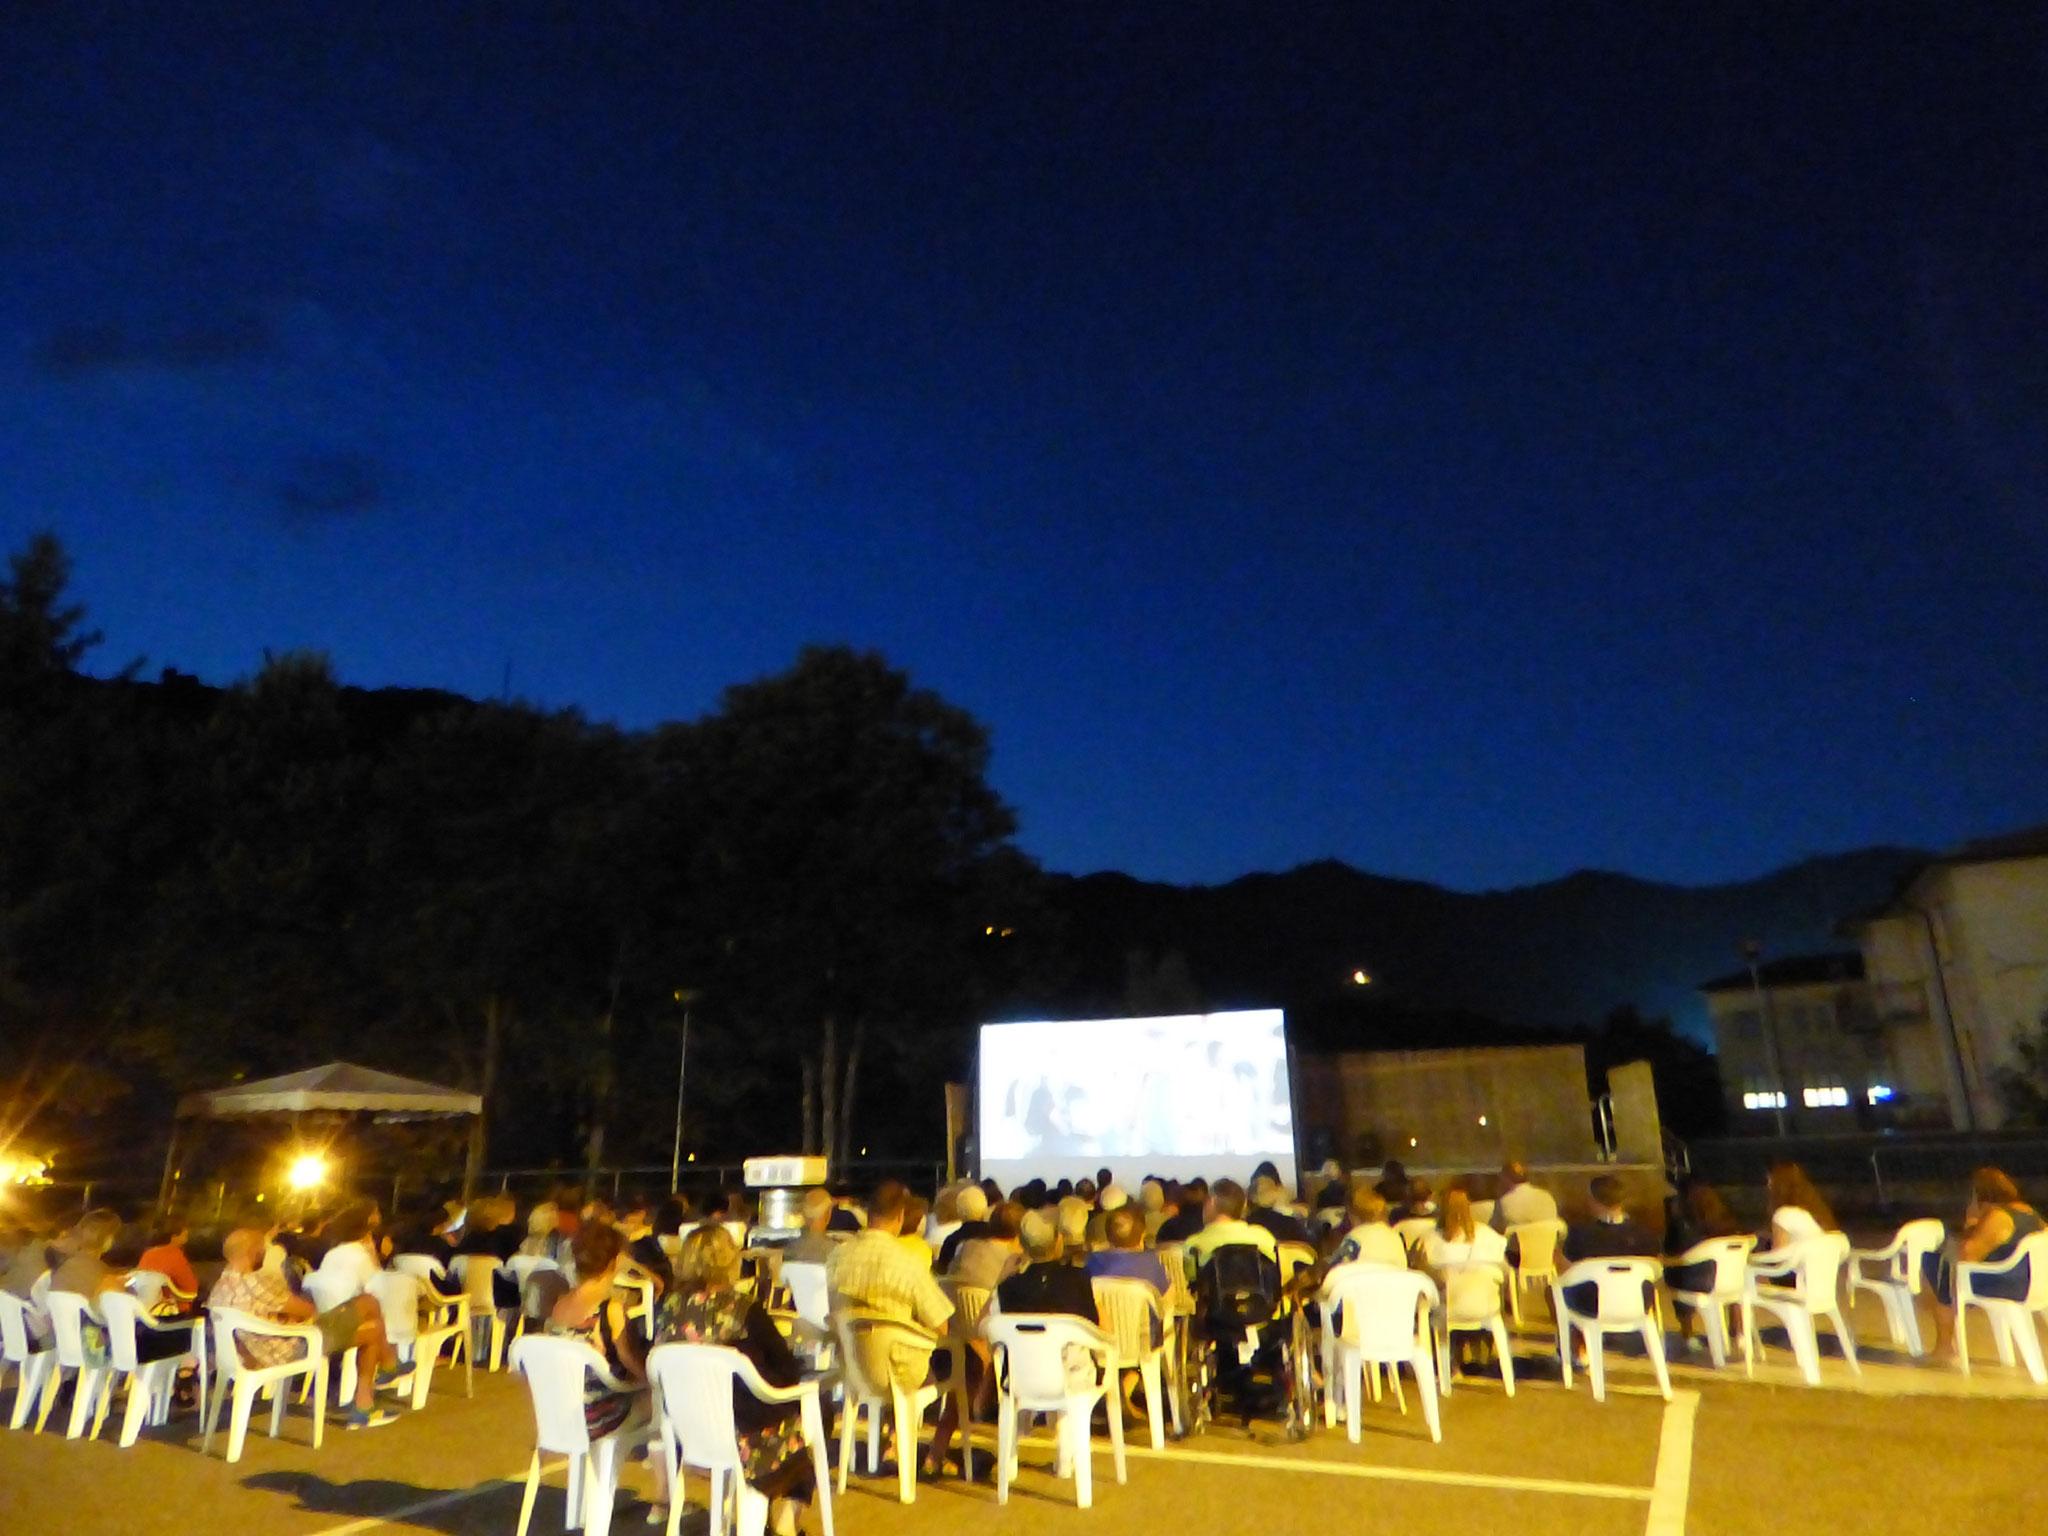 MARSAGLIA: Cinema Sotto Le Stelle 2019   giovedì 8 Agosto dalle 21:30  Piazzetta Veneziani